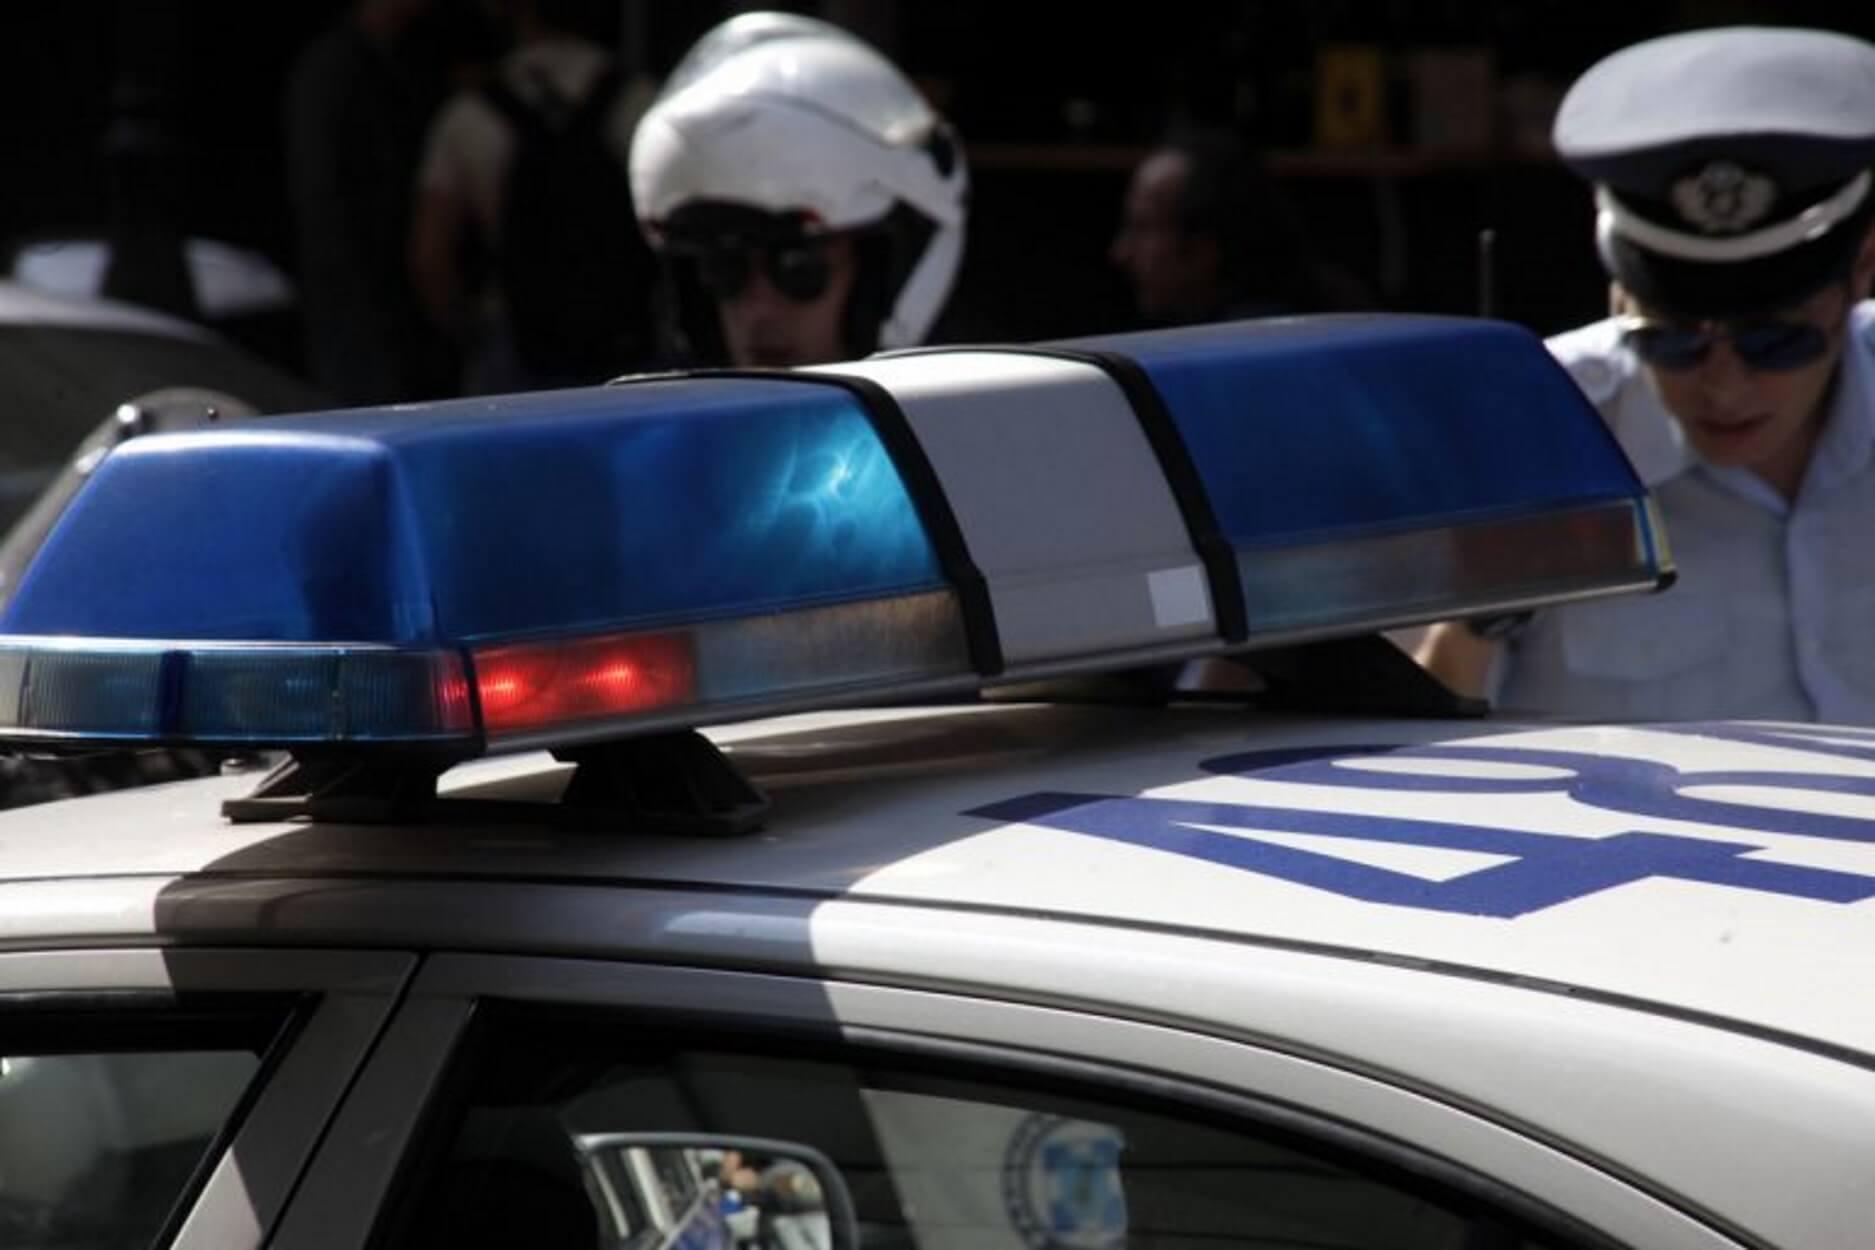 Συναγερμός στο Χαλάνδρι – Βρήκαν χειροβομβίδα στο προαύλιο του ρωσικού προξενείου